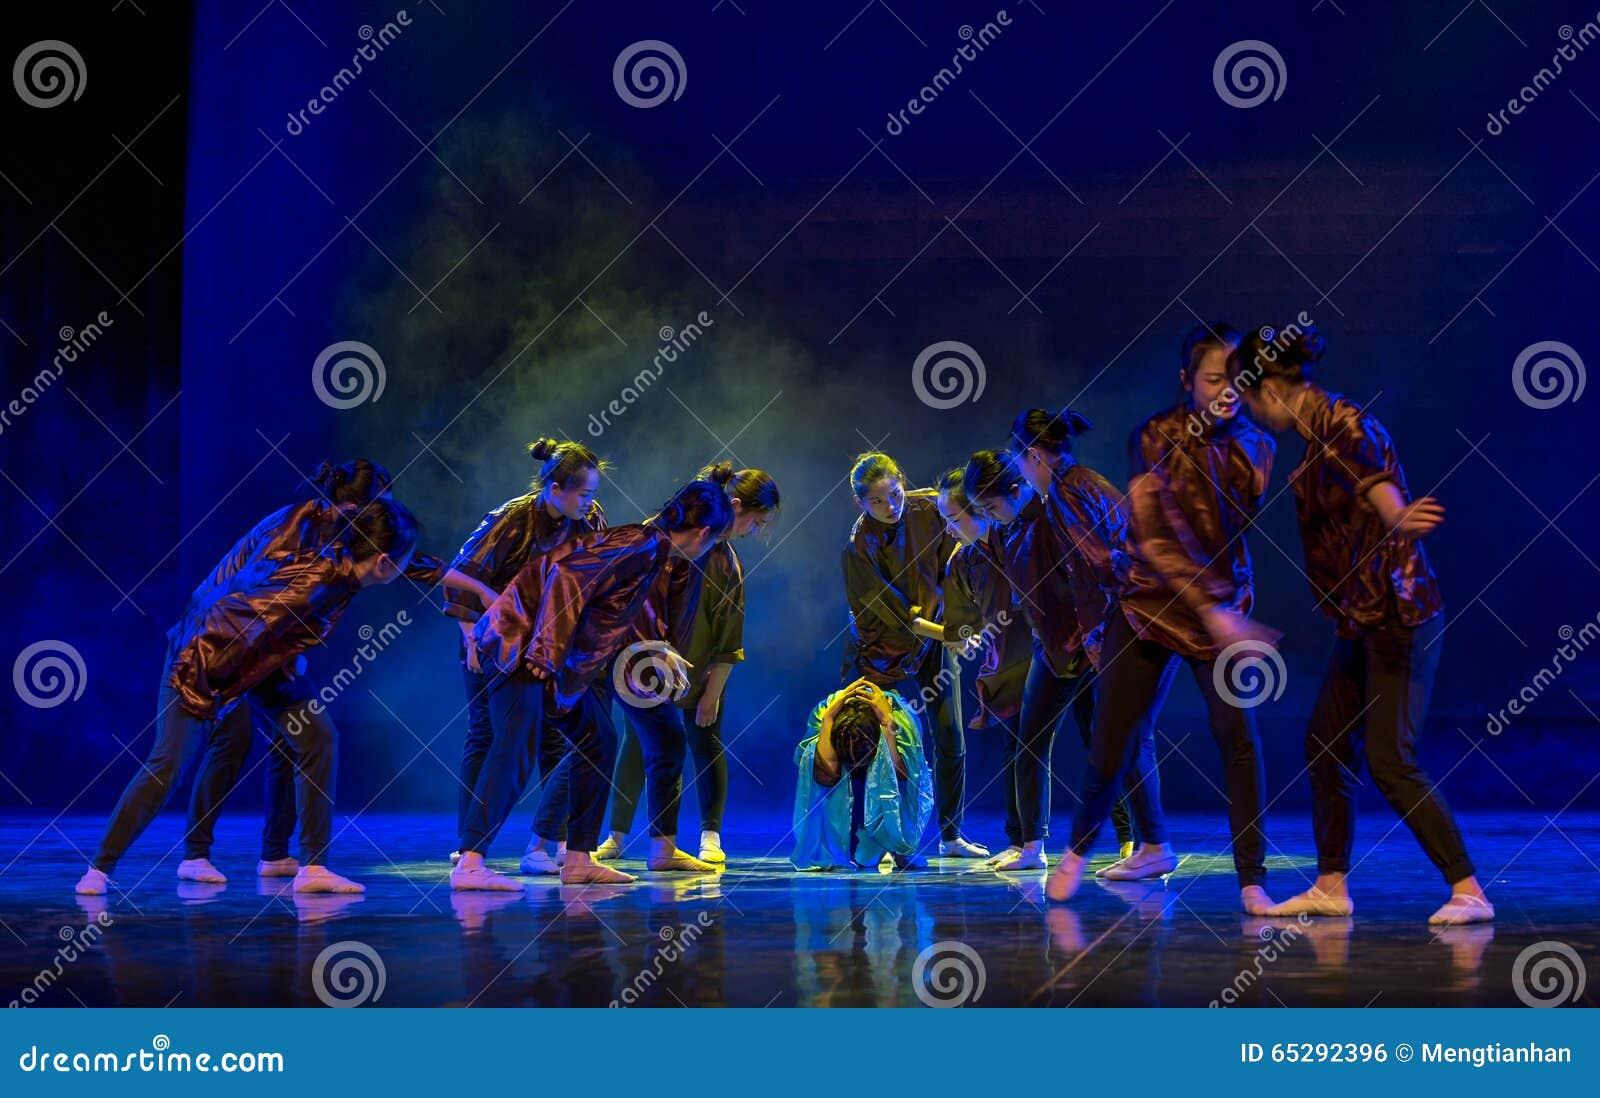 Народный танец соотечественника матери- разладов- спектра аутизма